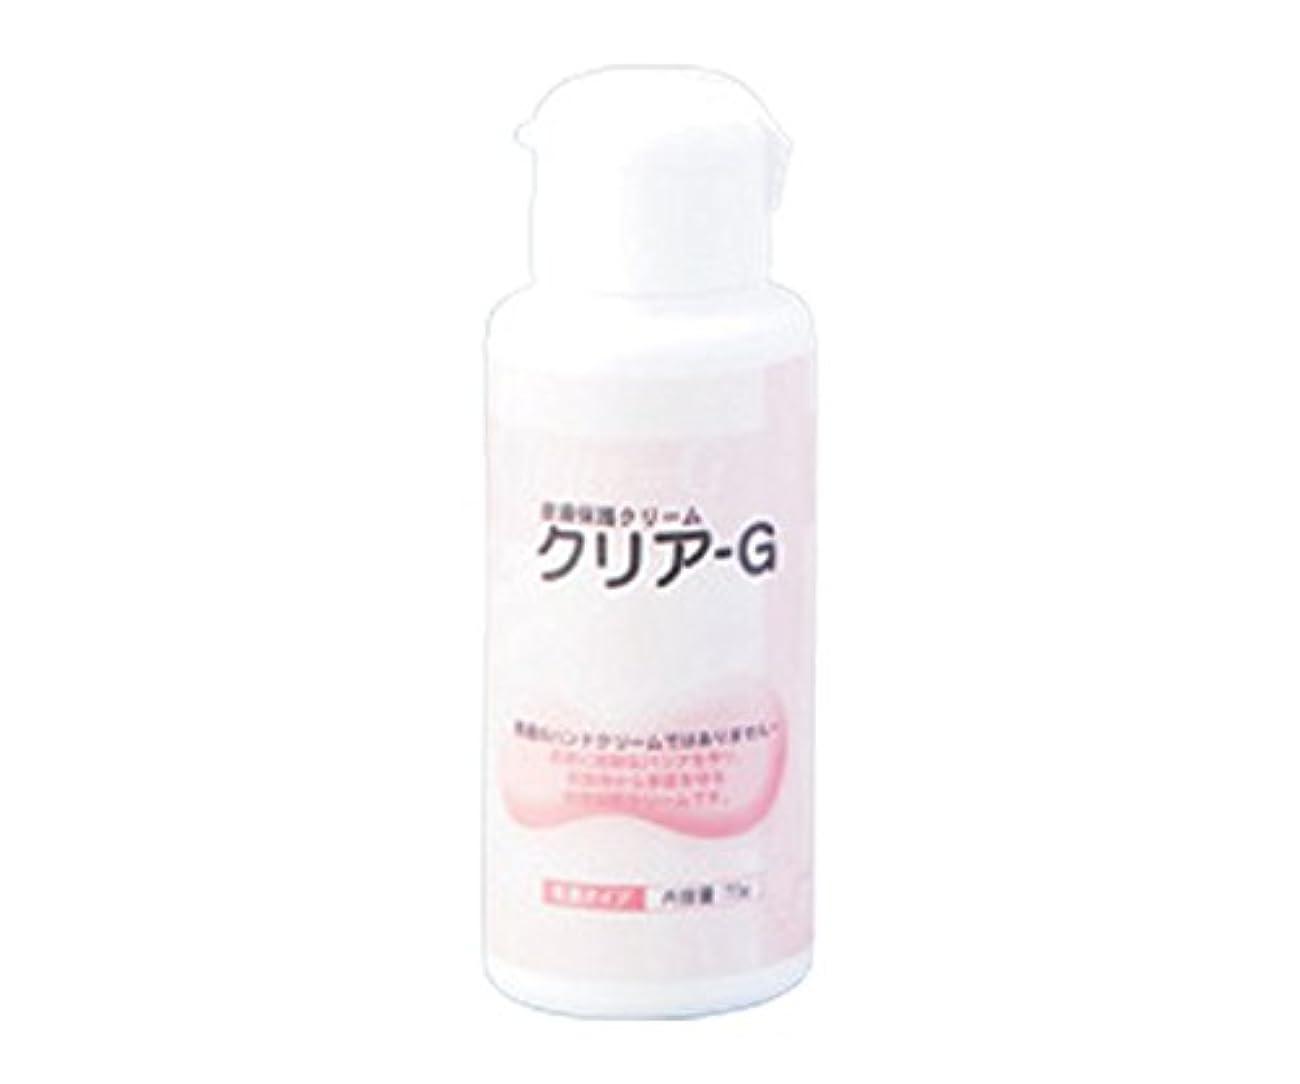 ラリーペネロペヒューマニスティック皮膚保護クリーム(クリア-G) 70g